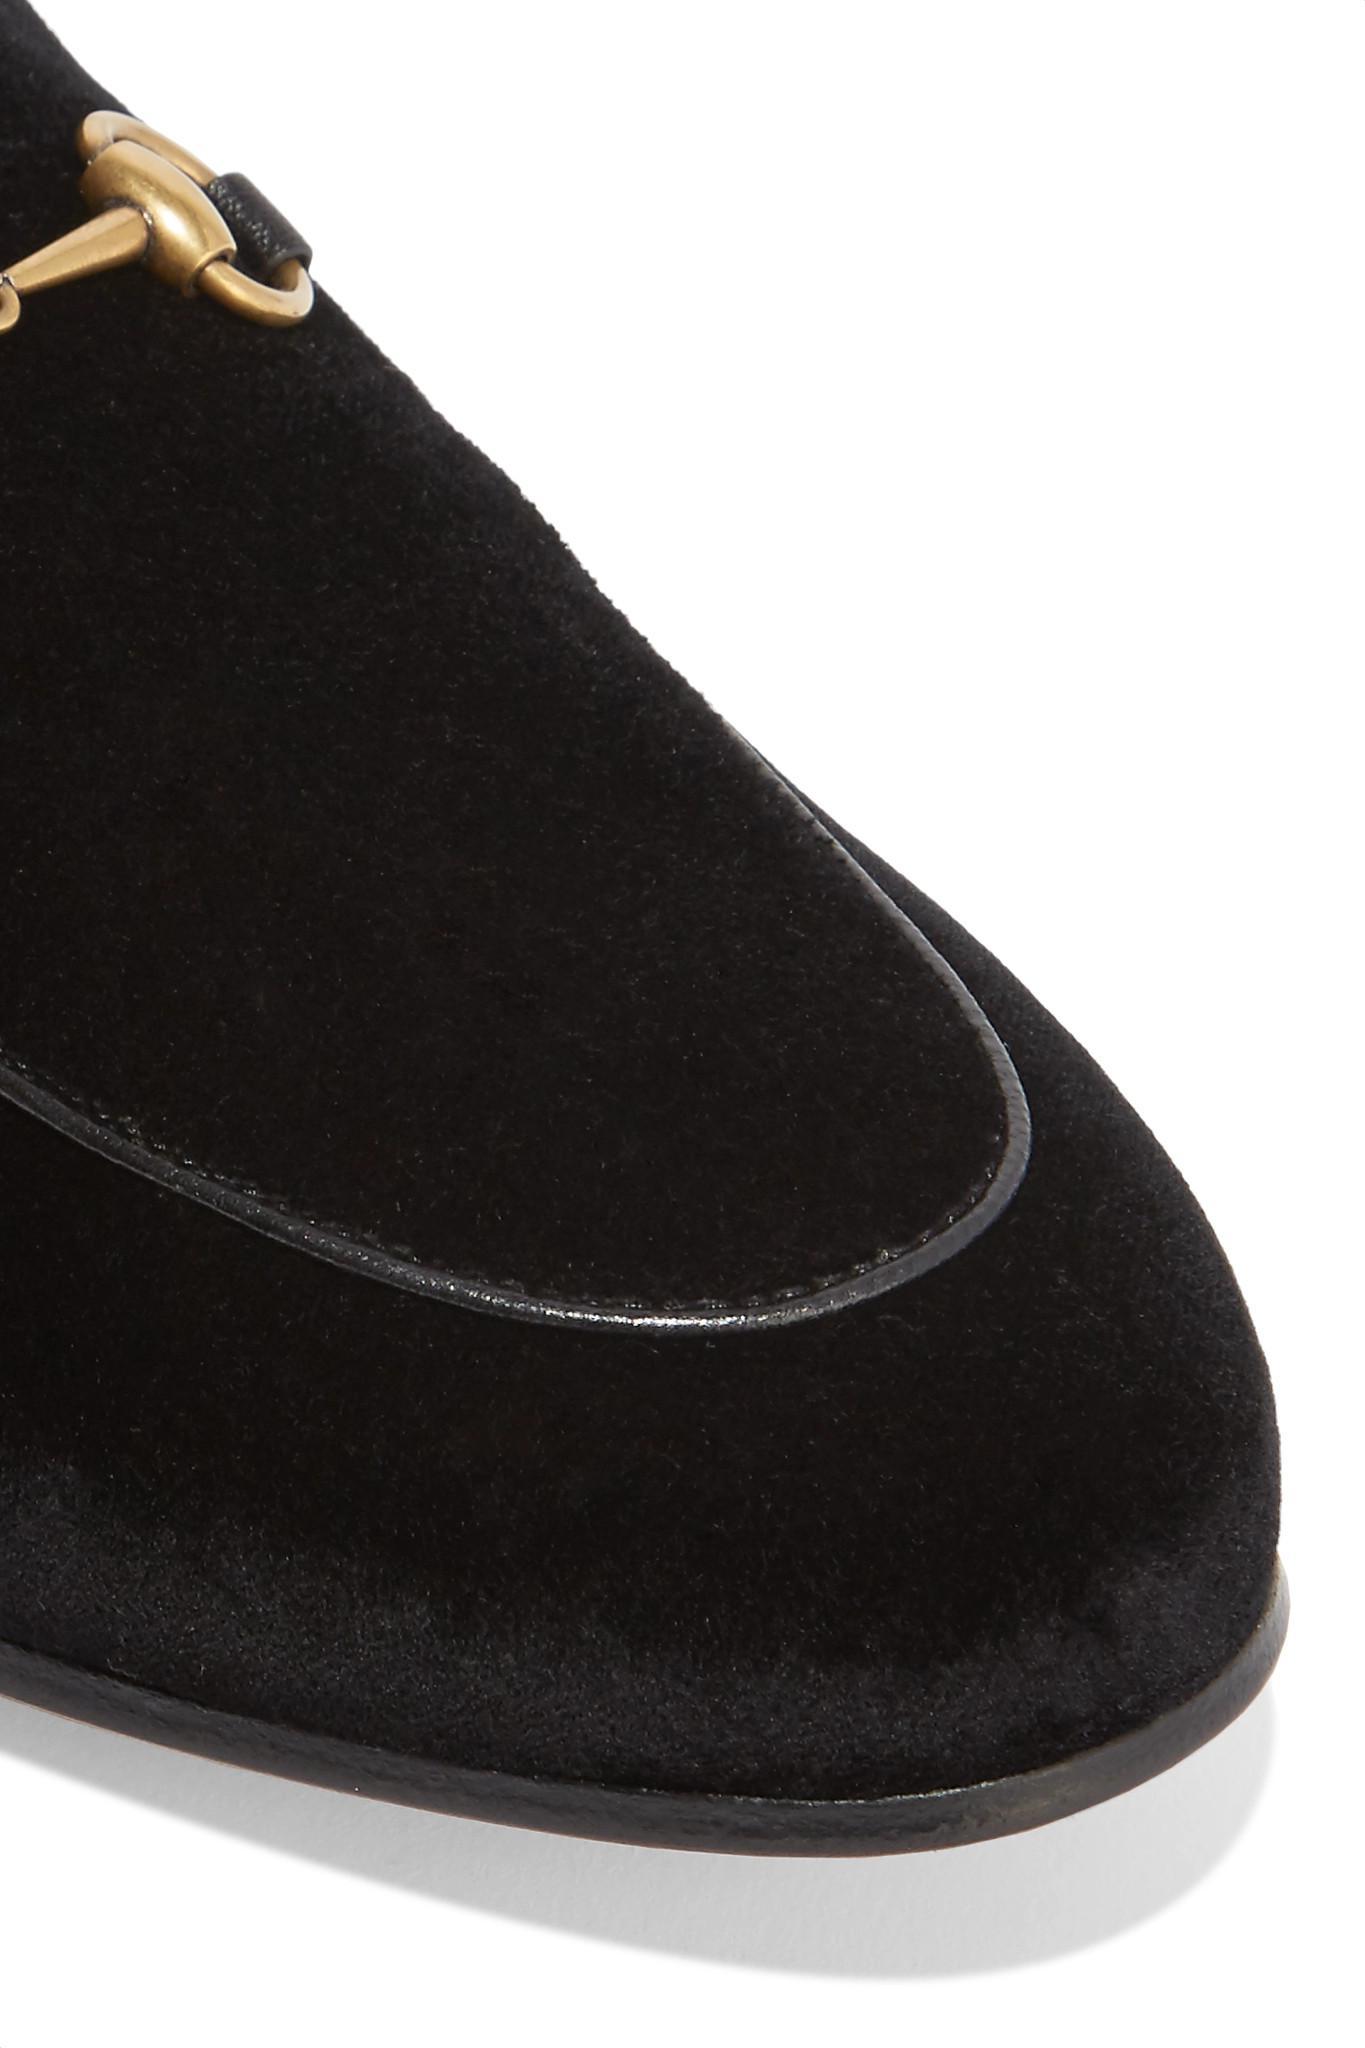 89e1a981270 ... Princetown Horsebit-detailed Shearling-lined Velvet Slippers - Lyst.  View fullscreen